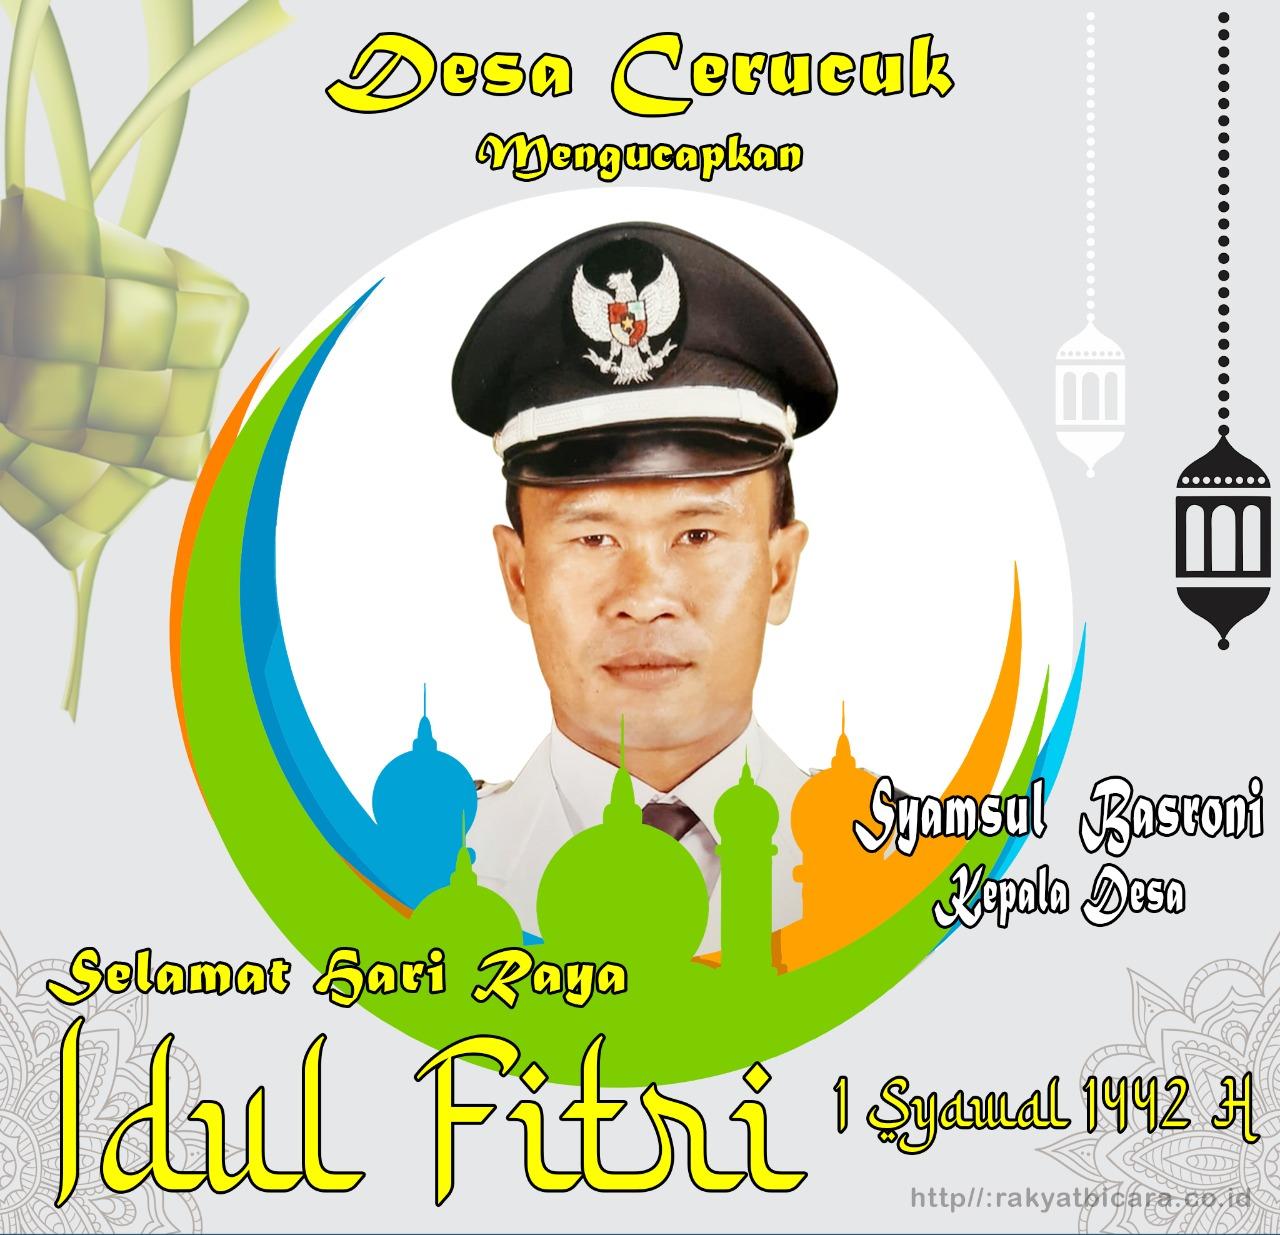 Pemerintah Desa Cerucuk Berserta Perangkat Desa Mengucapkan: Selamat Idul Fitri 1 Syawal 1442 H